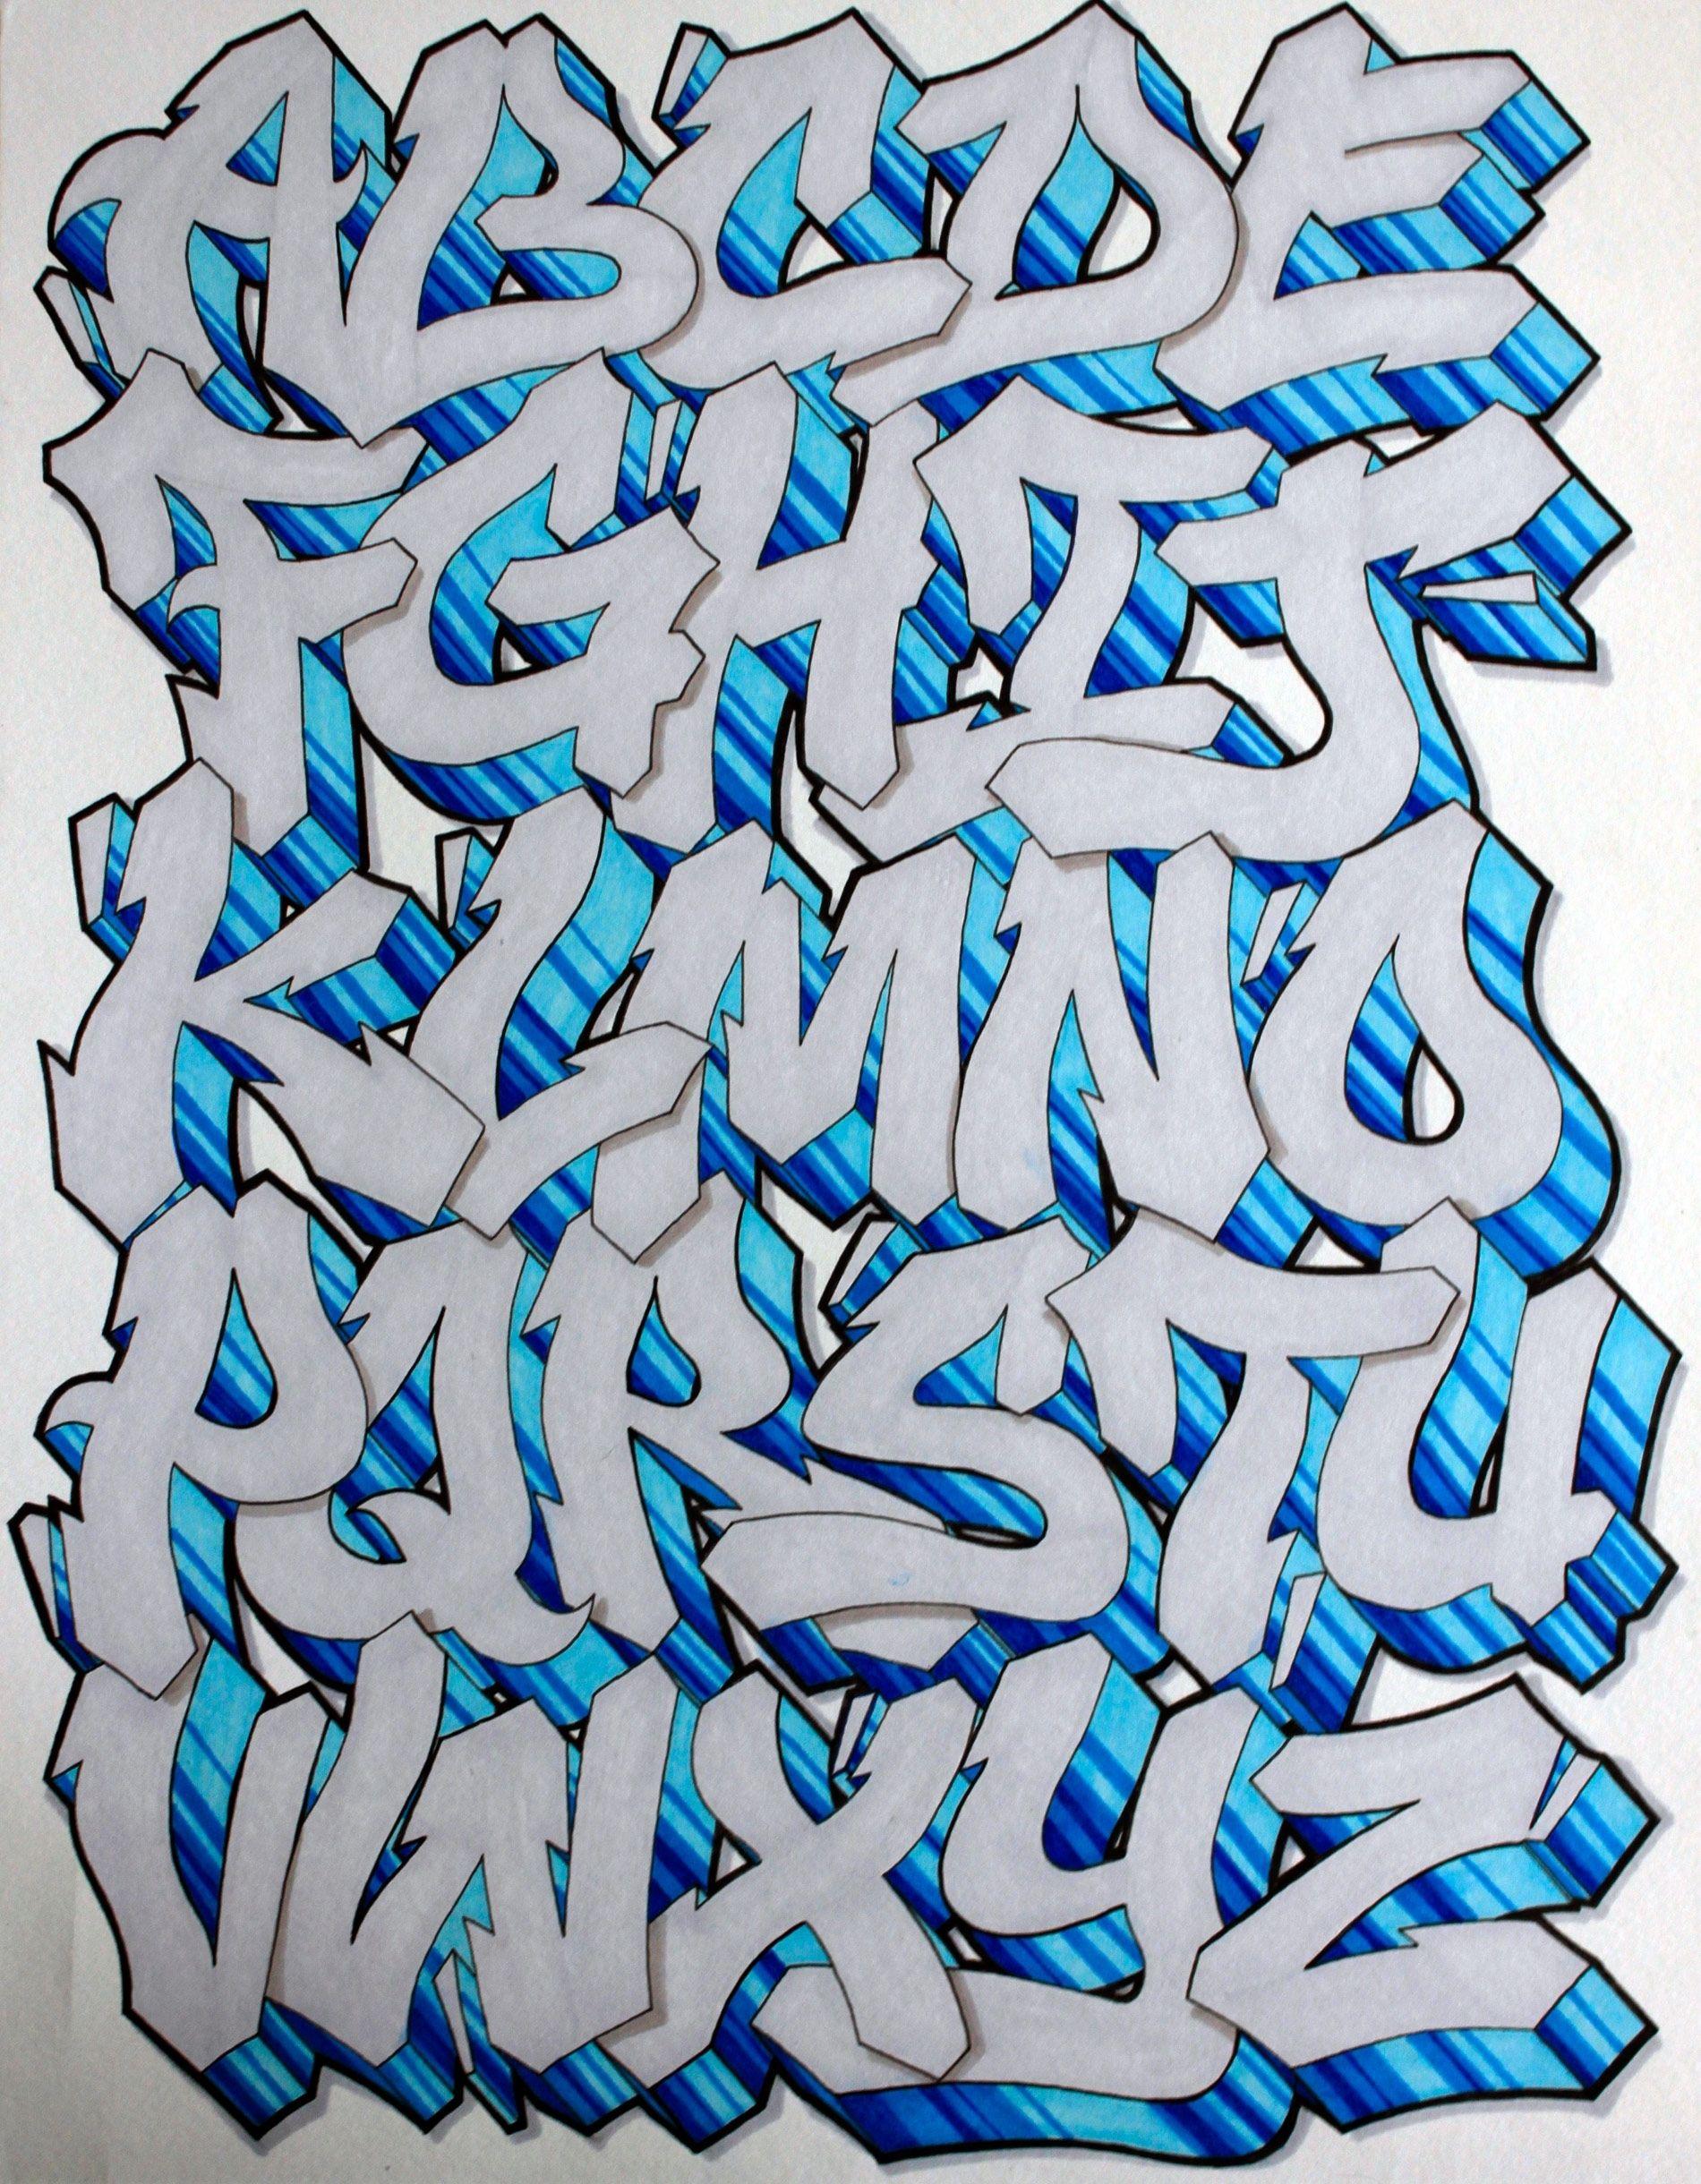 Graffiti tegninger alfabet mi graffiti letters graffiti - Grafiti alpabet ...